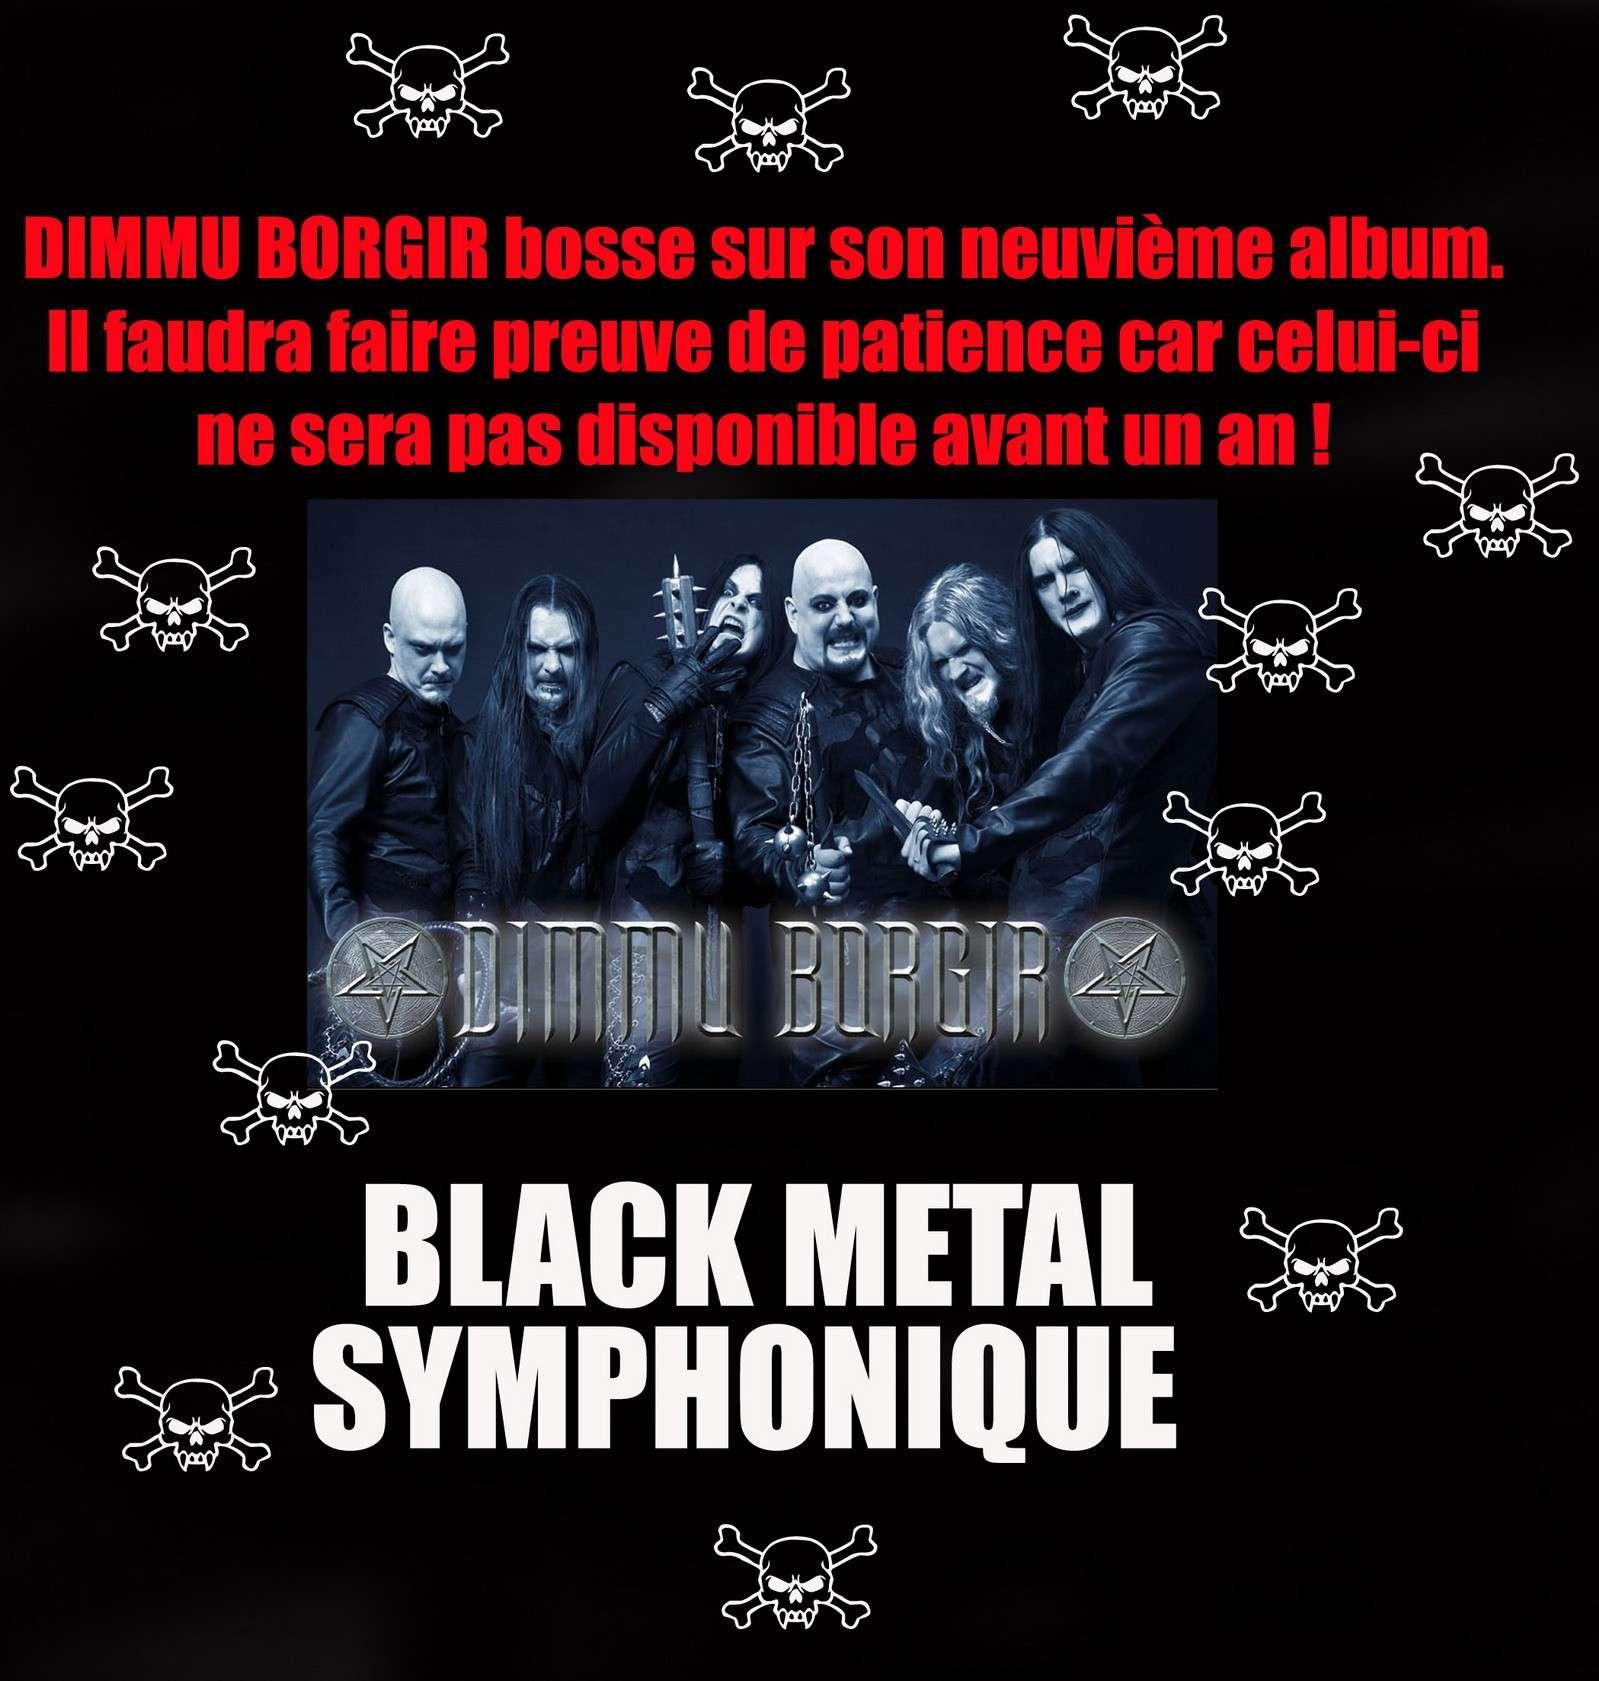 Les NEWS du METAL en VRAC ... - Page 5 Dimmu_10